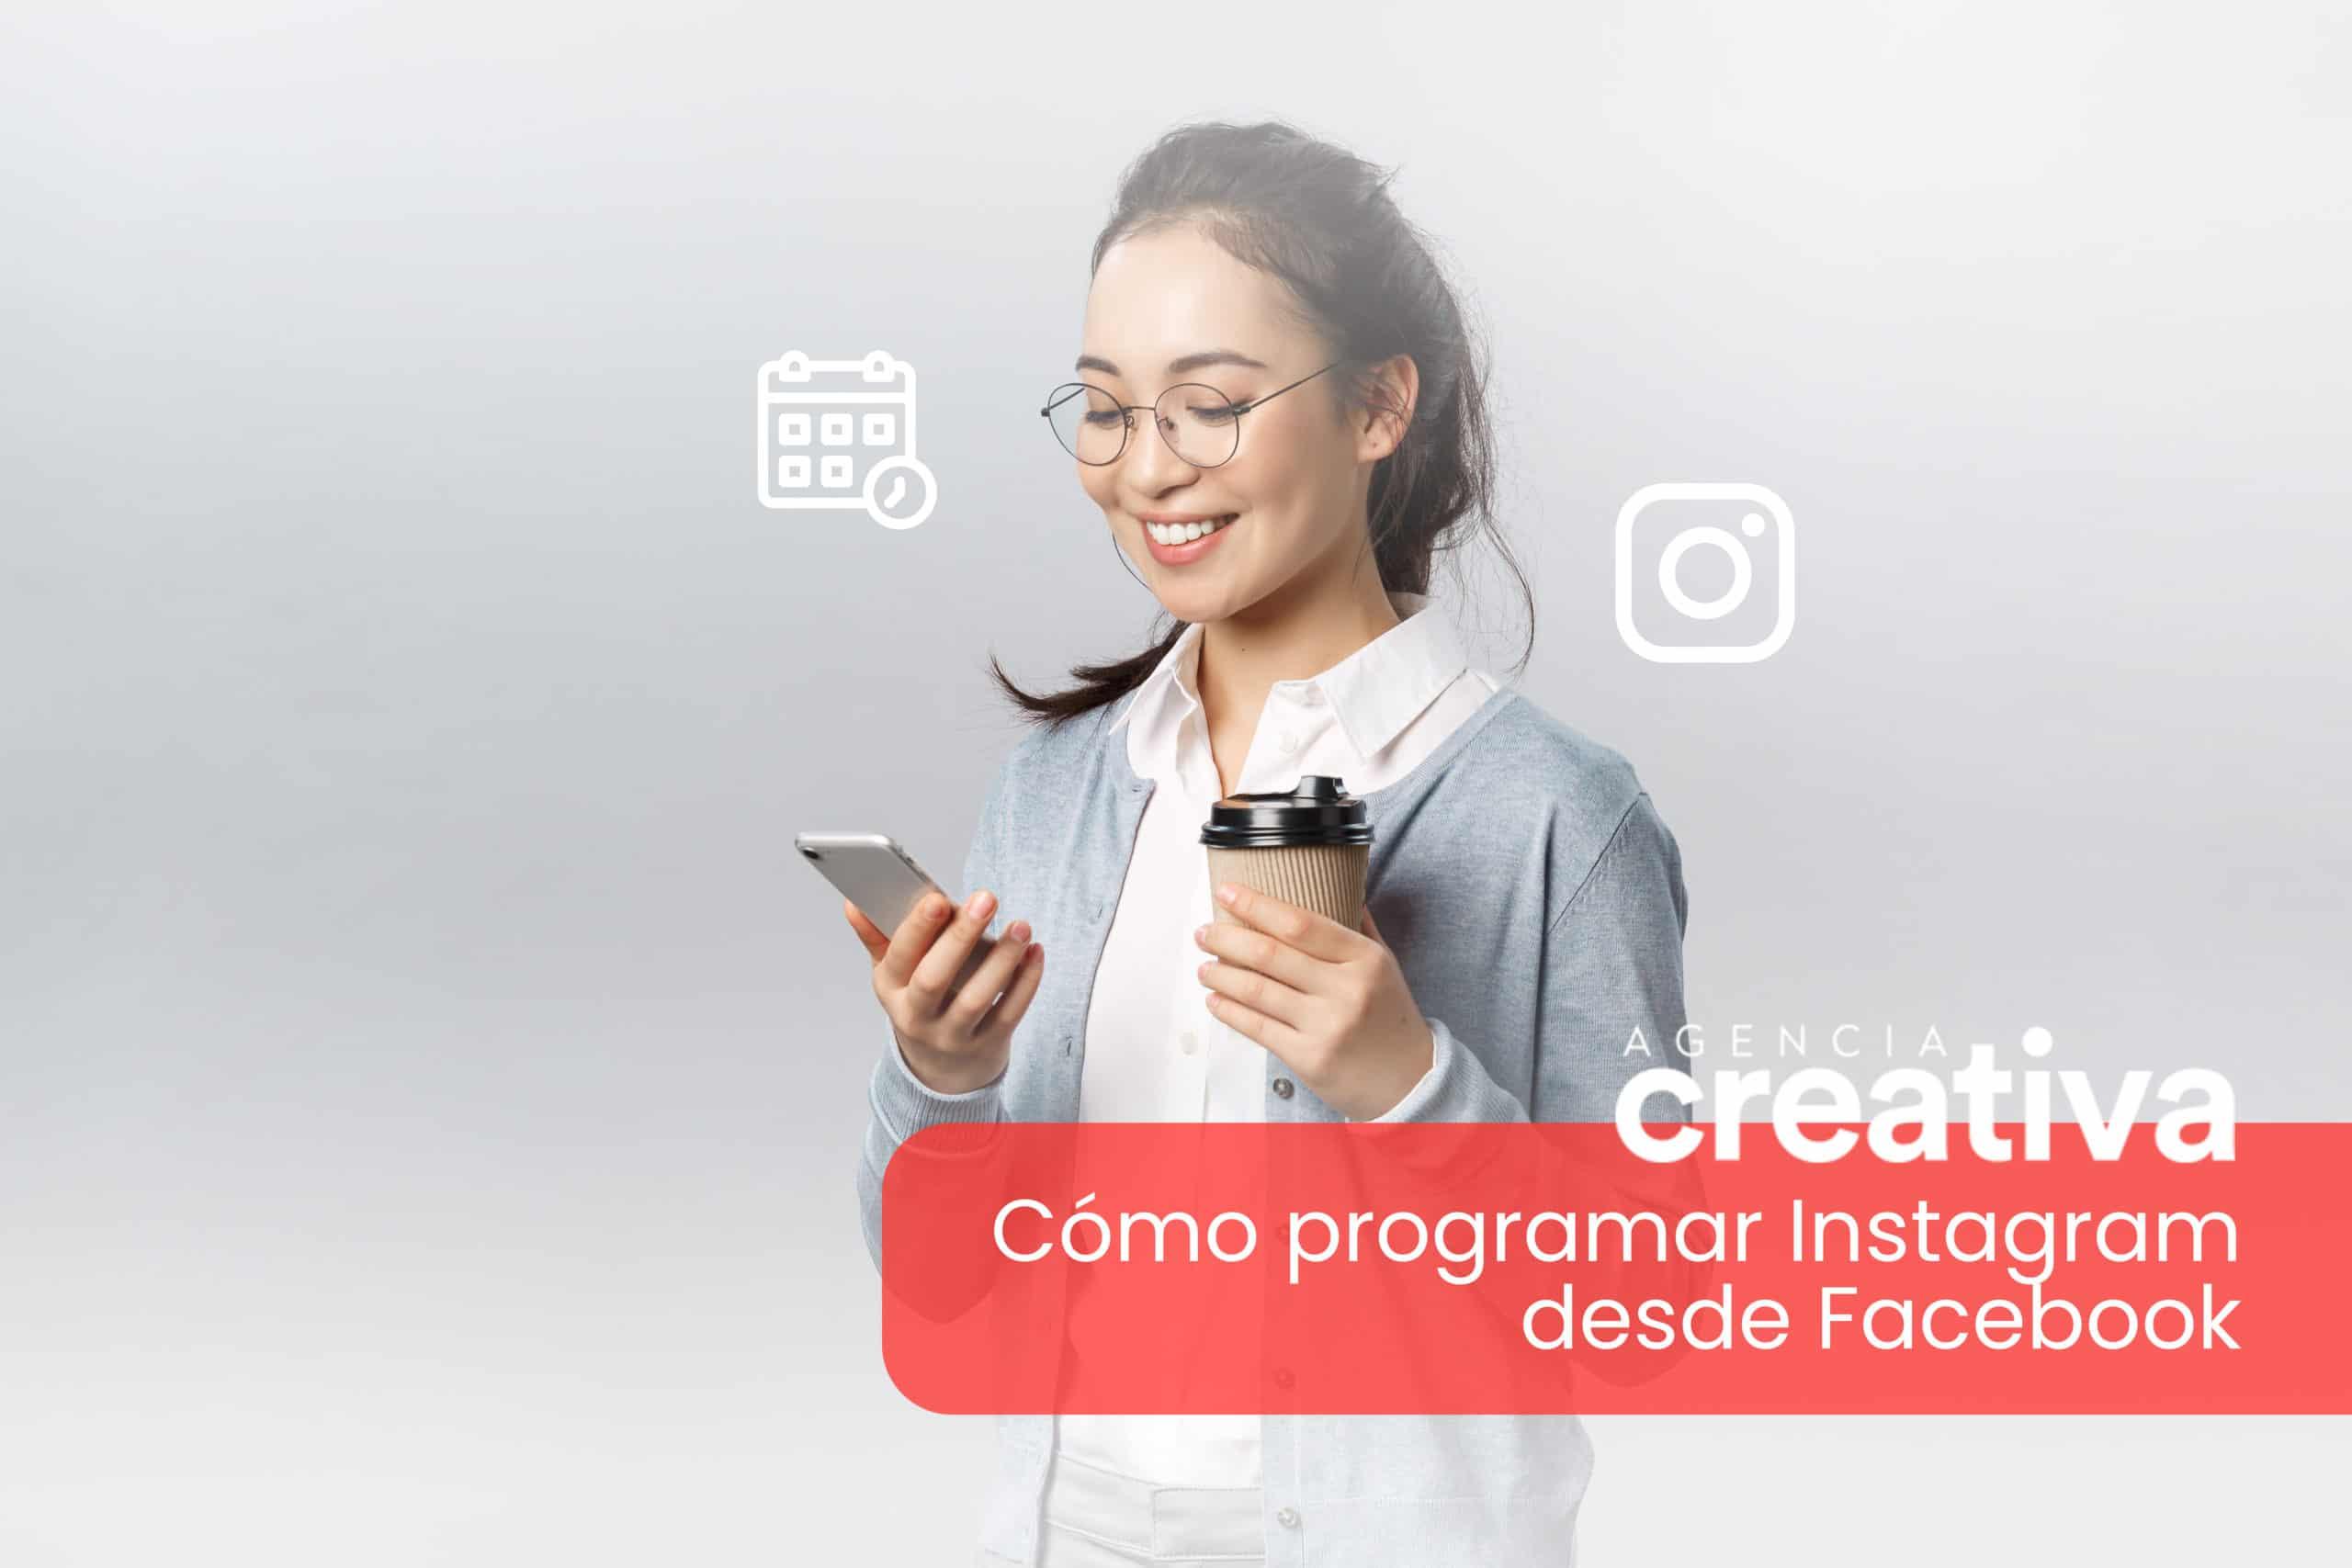 Cómo programar Instagram desde Facebook